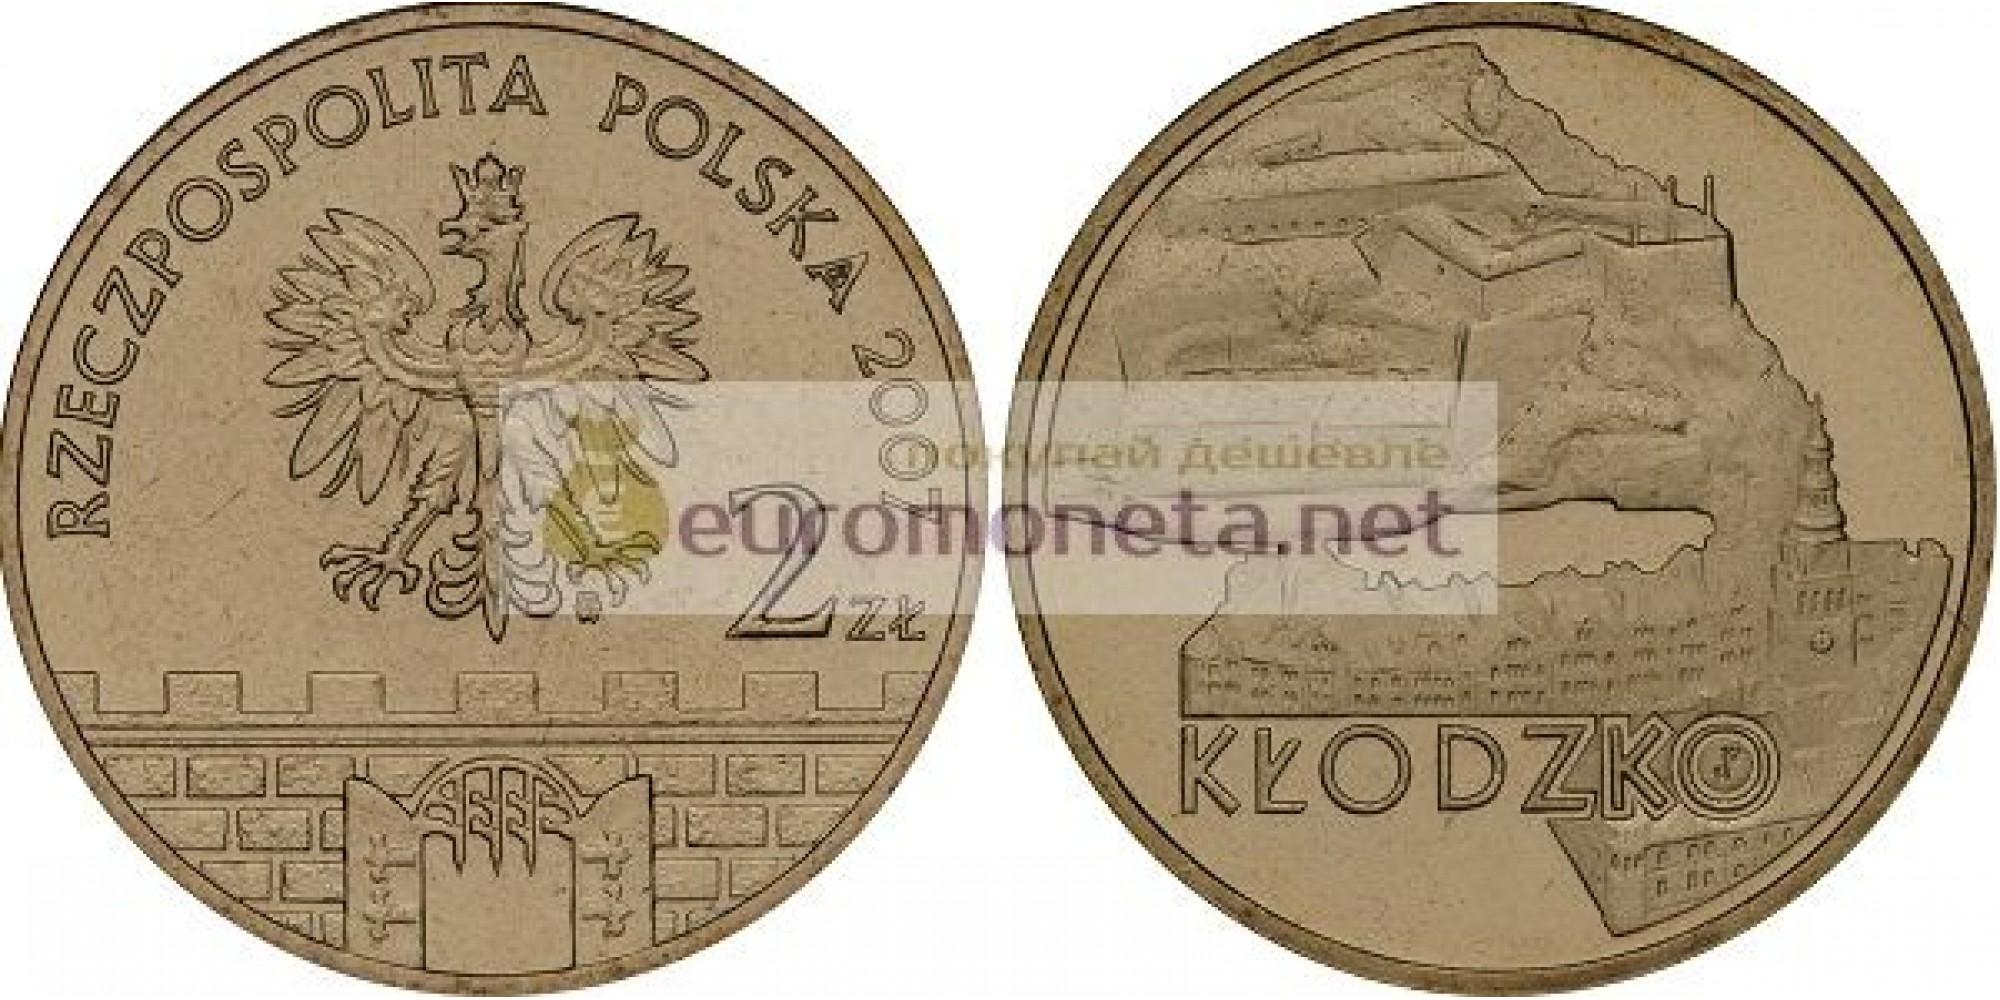 Польша 2 злотых 2007 Клодзки (Tarnów) - провинция. Нижняя Силезия. Исторические города в Польше, АЦ